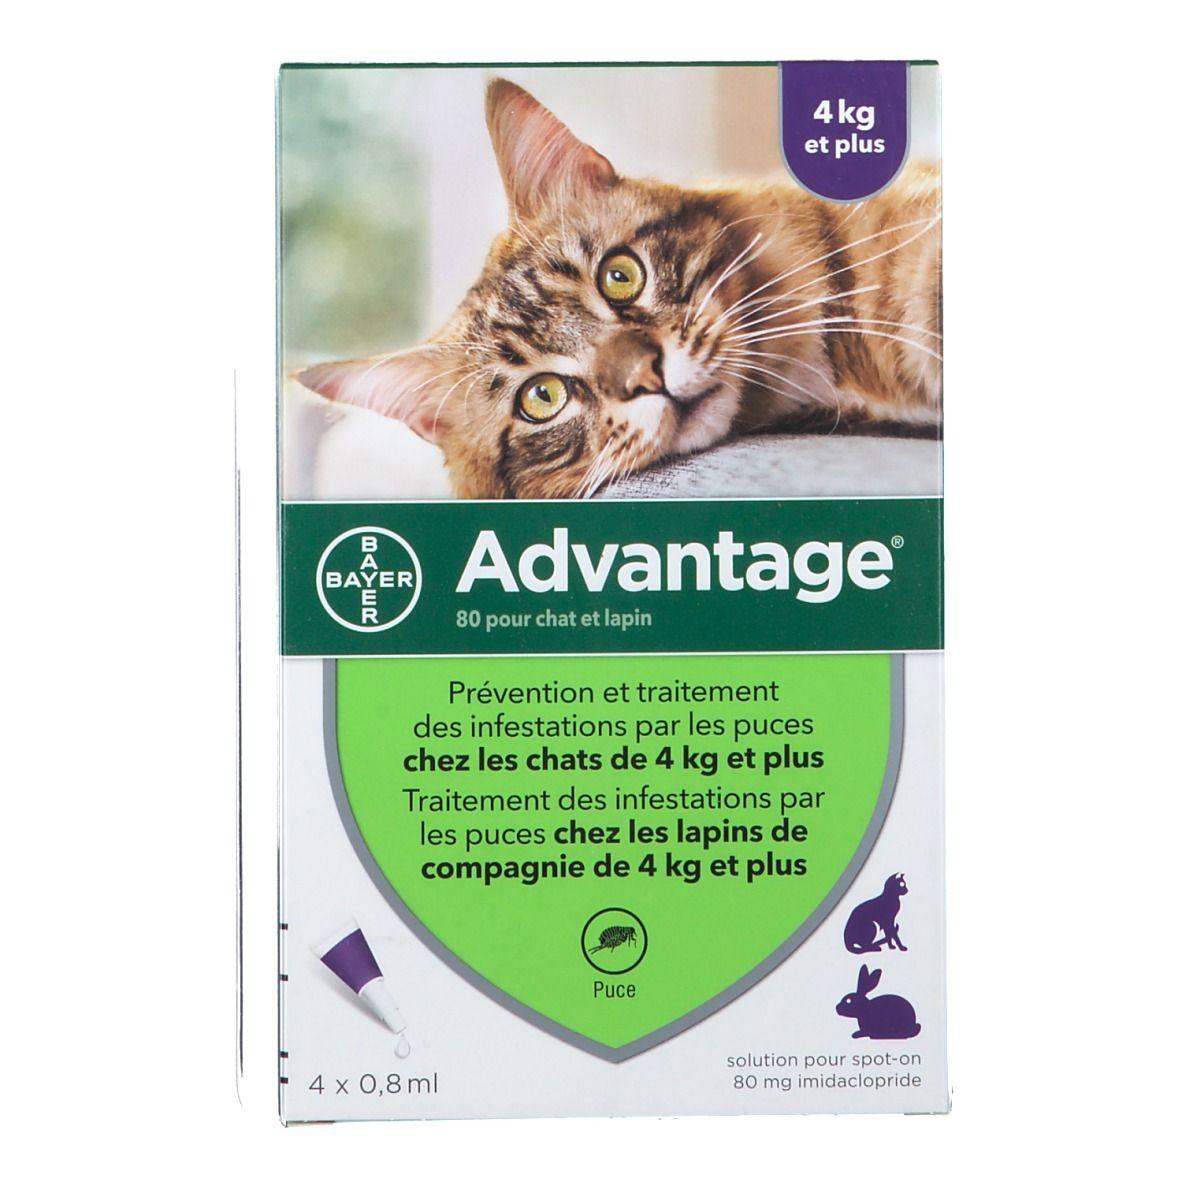 Image of Advantage 80 pour chat et lapin